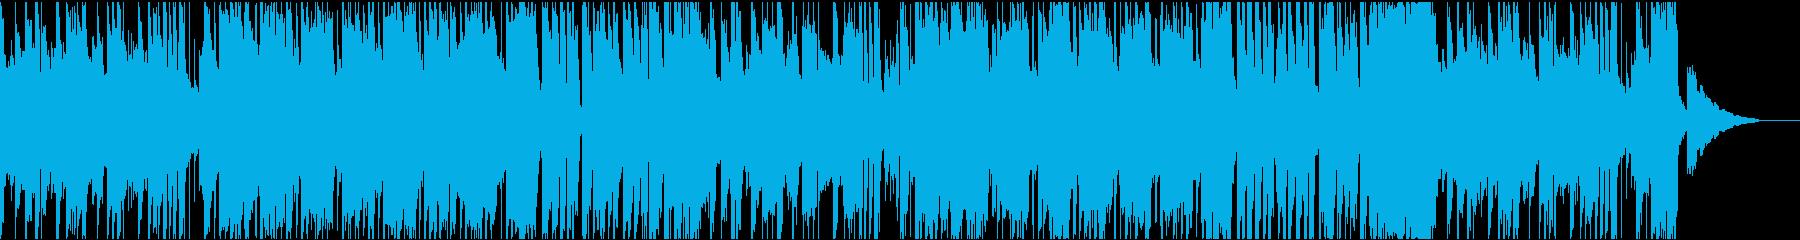 9秒でサビ、明るいサックス、さわやかの再生済みの波形